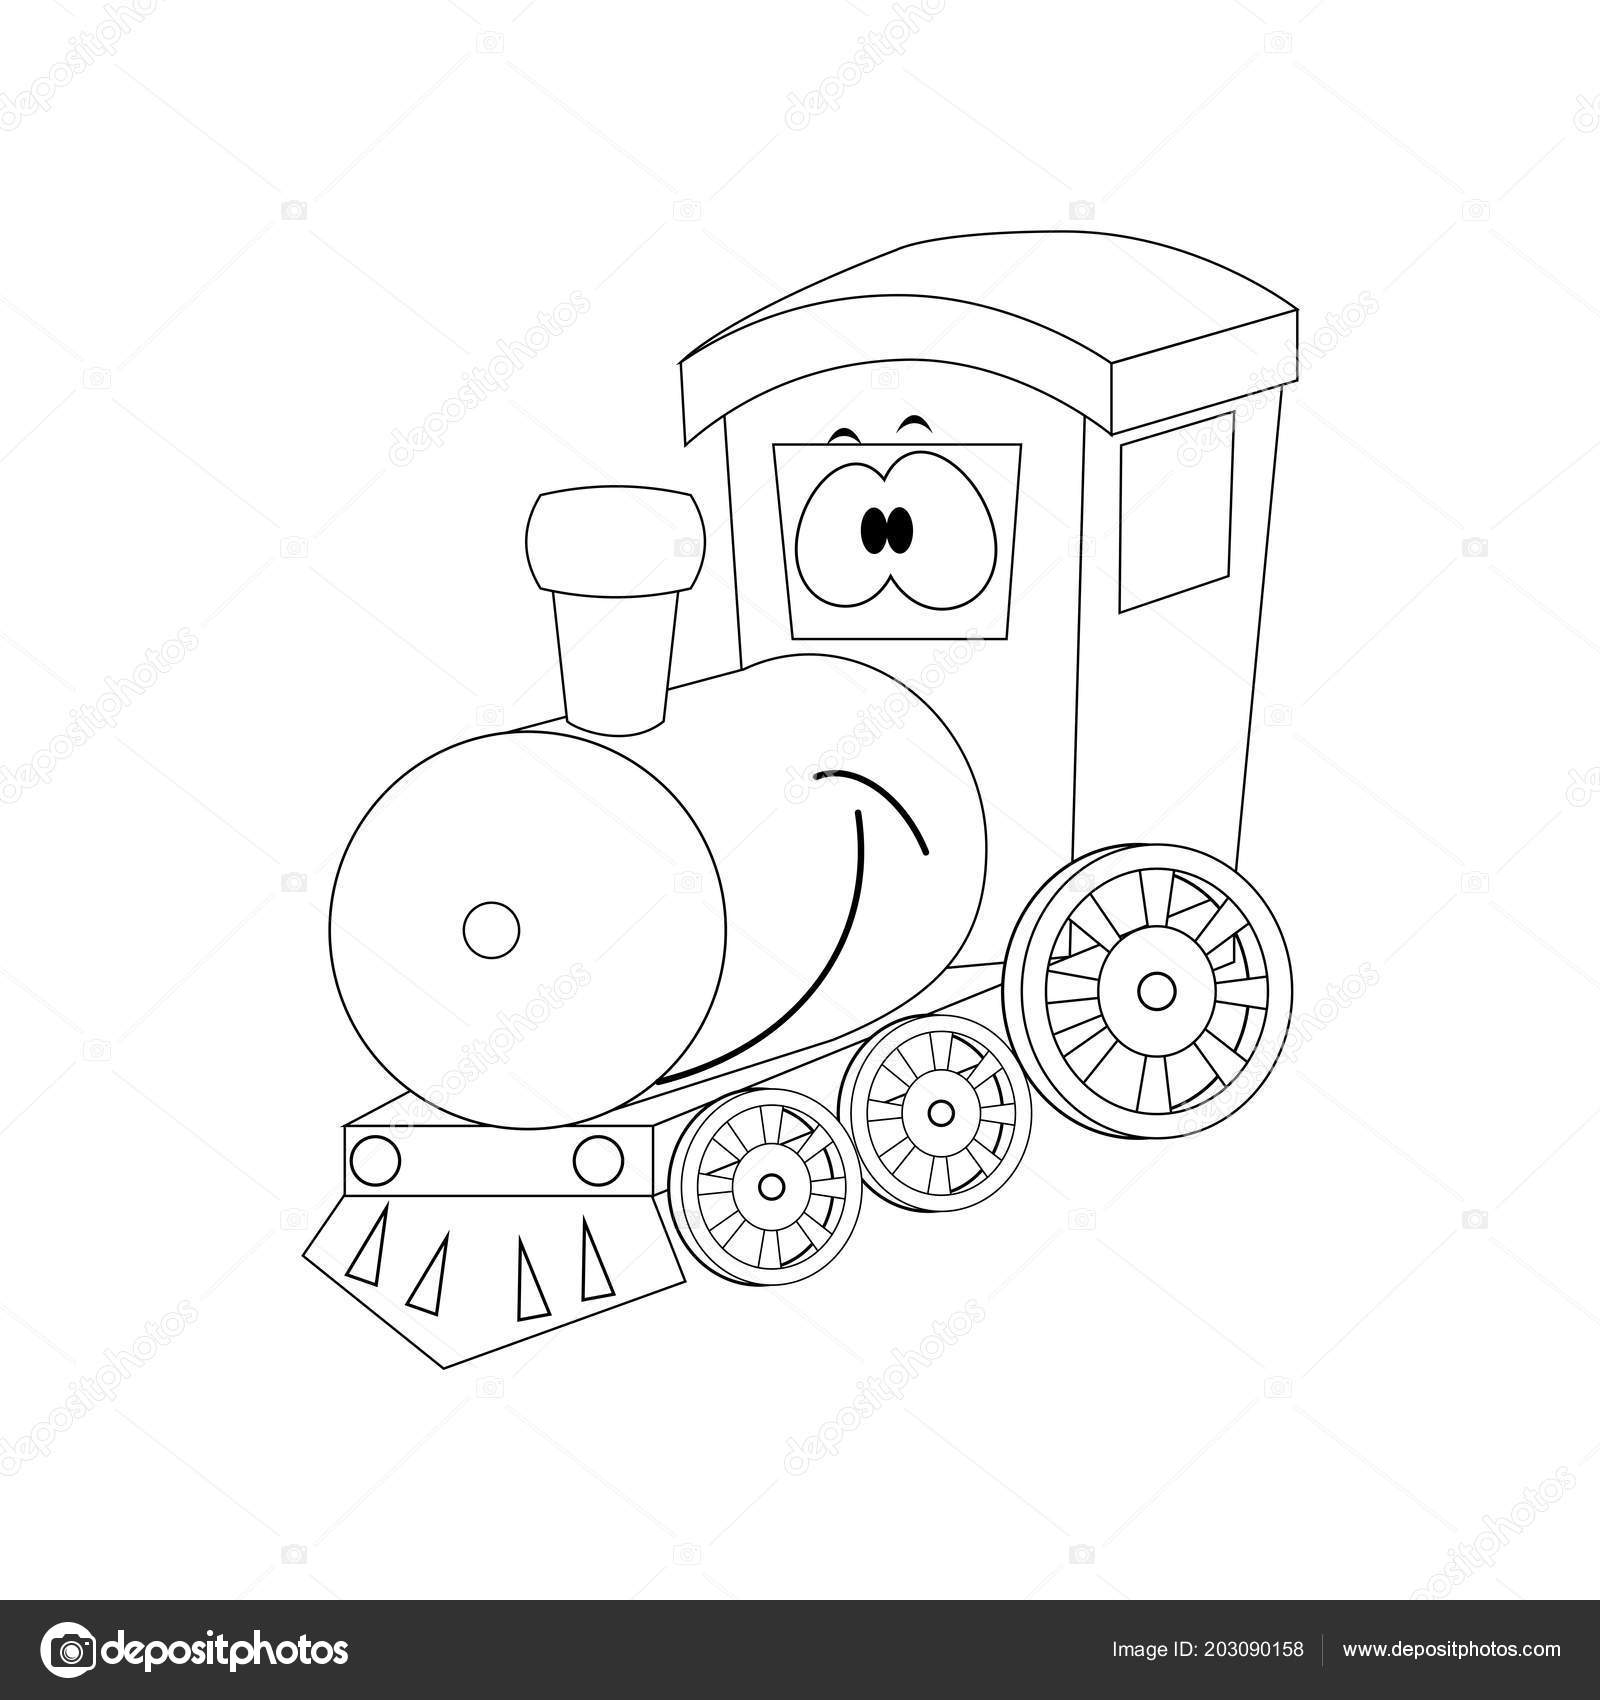 Renksiz Komik Karikatür Tren Vektör çizim Boyama Pa Stok Vektör